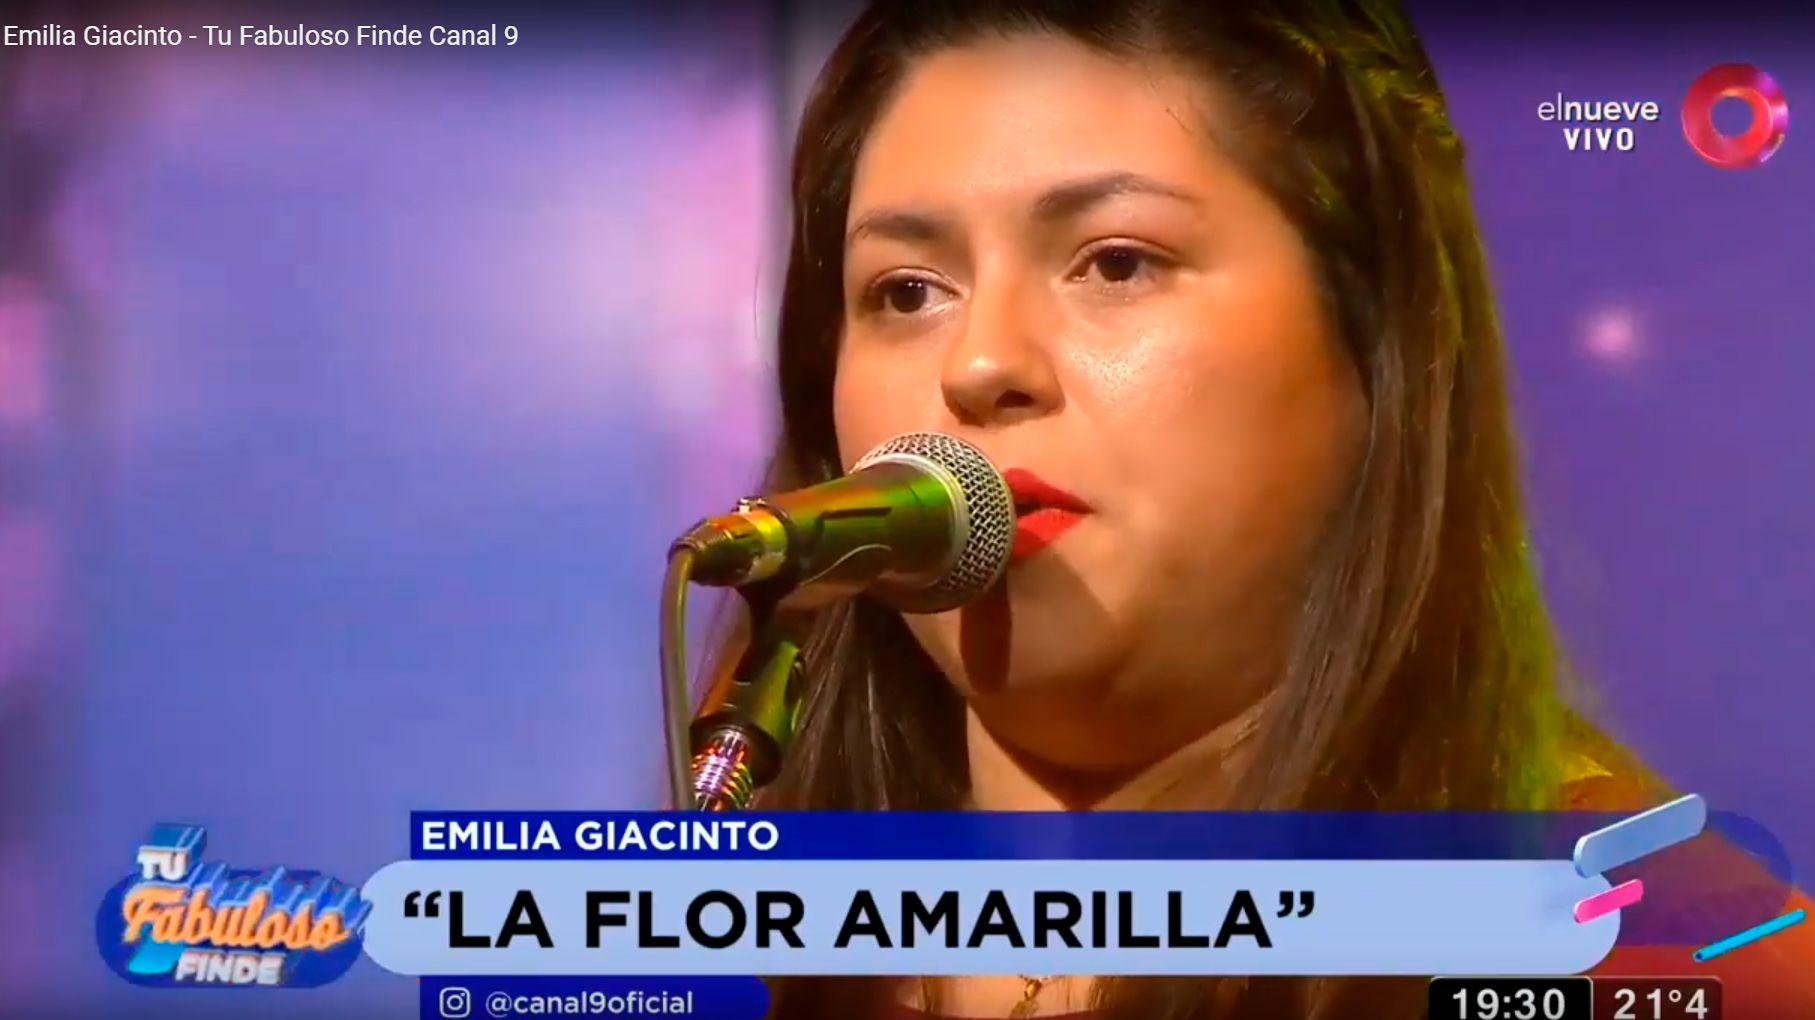 """Emilia Giacinto cantó en el programa """"Tu Fabuloso Finde"""" de canal 9"""